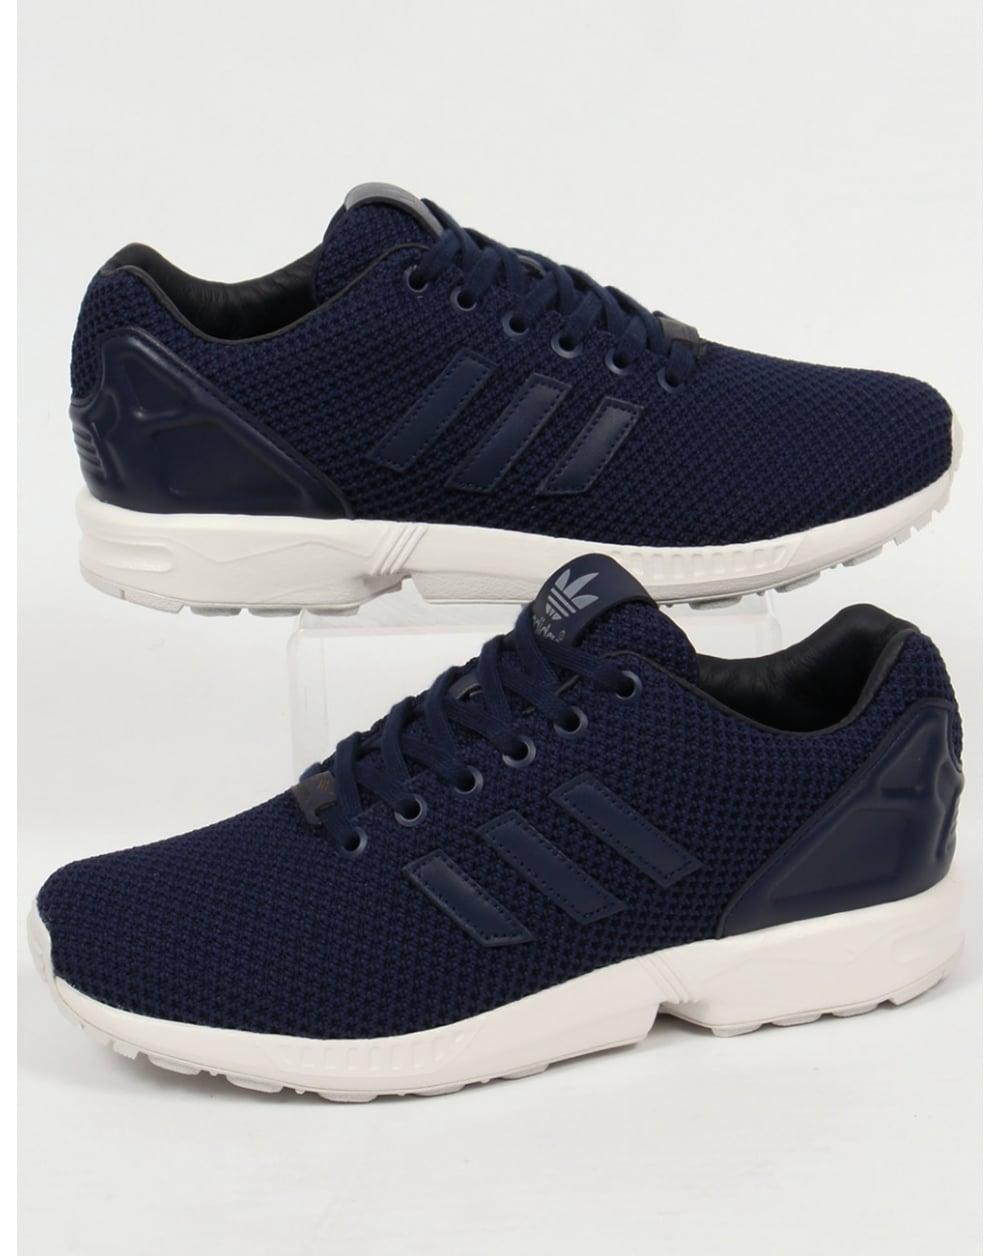 grava Interrupción Donación  Adidas ZX Flux Trainers Navy/Navy/White,originals,shoes,mens